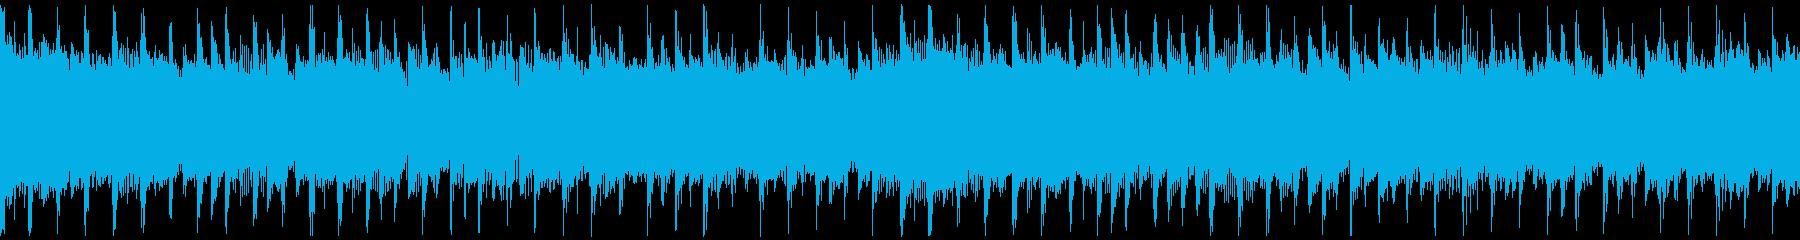 爽やかコーポレート/ループの再生済みの波形